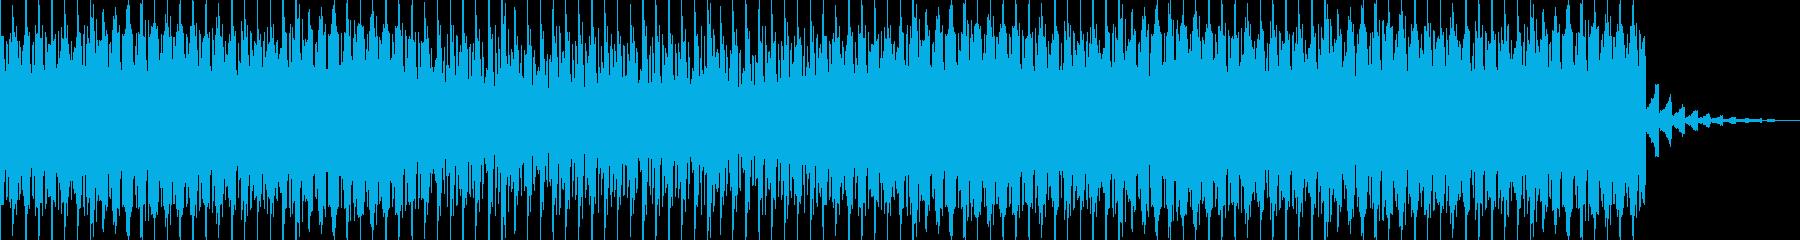 【ジングル】キラキラ系の映像美に合う曲の再生済みの波形